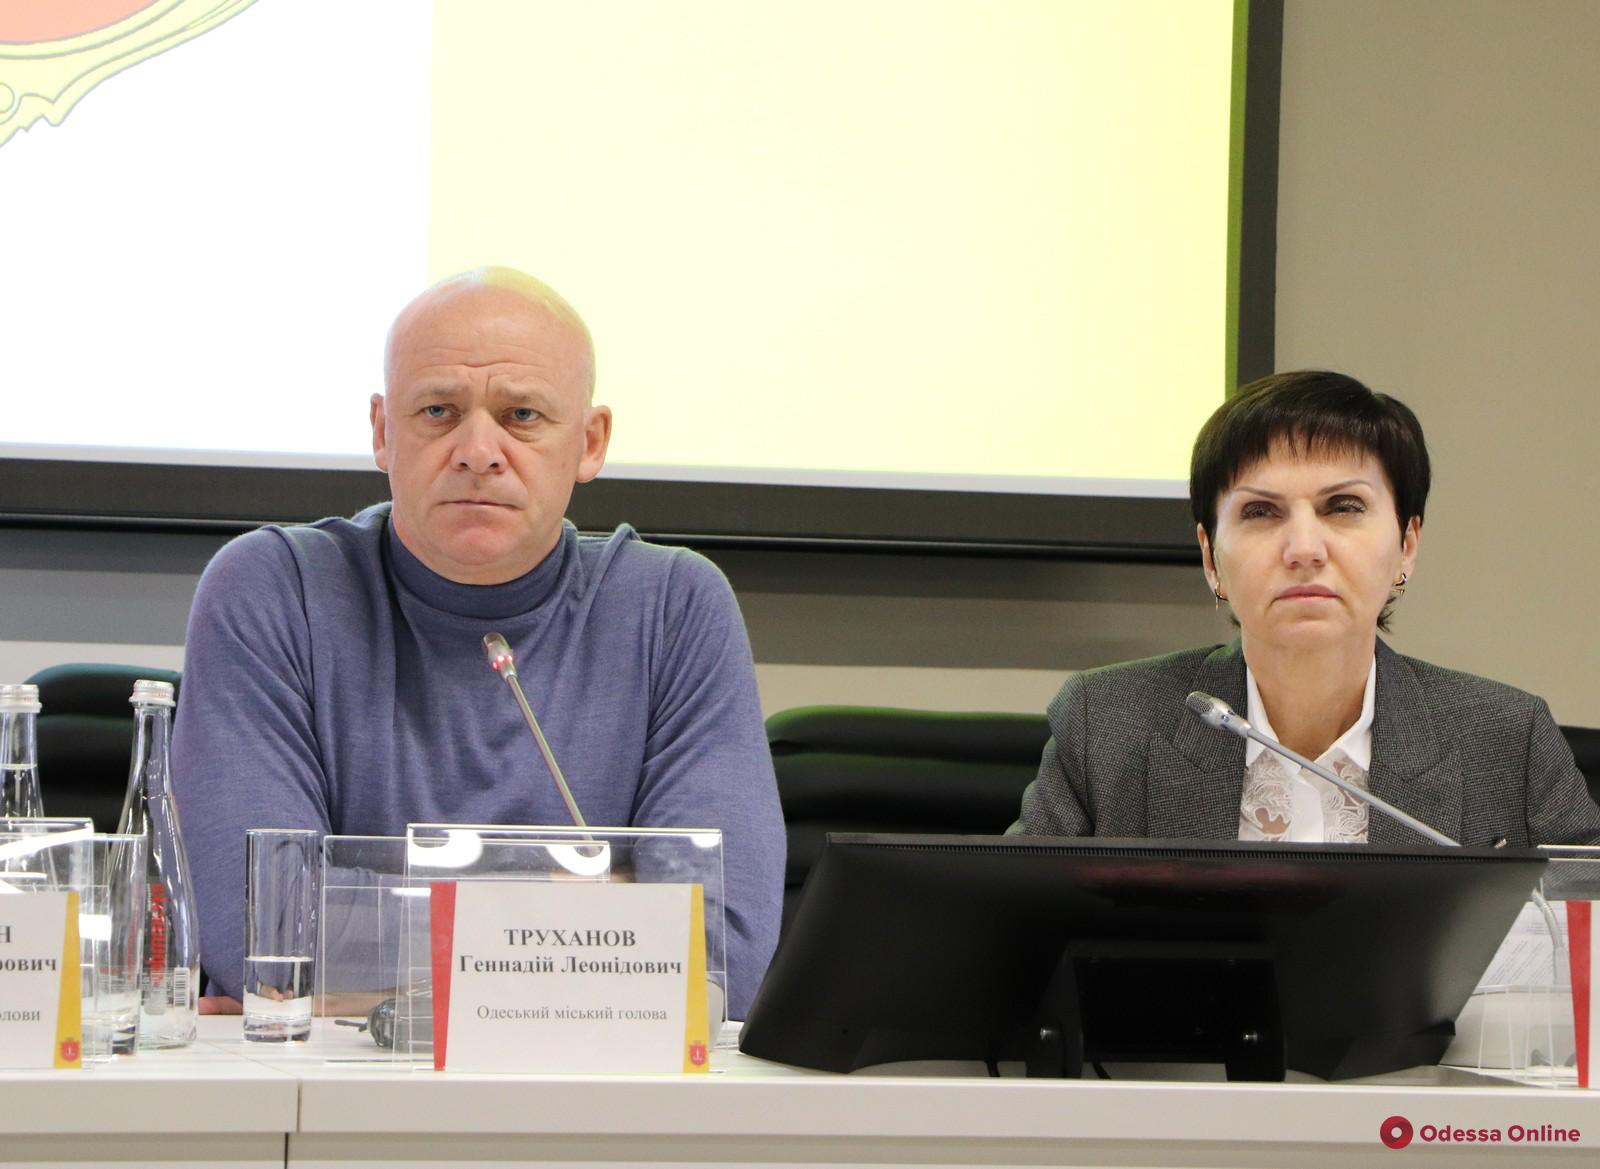 Частные и муниципальные клиники Одессы объединятся для борьбы с коронавирусом